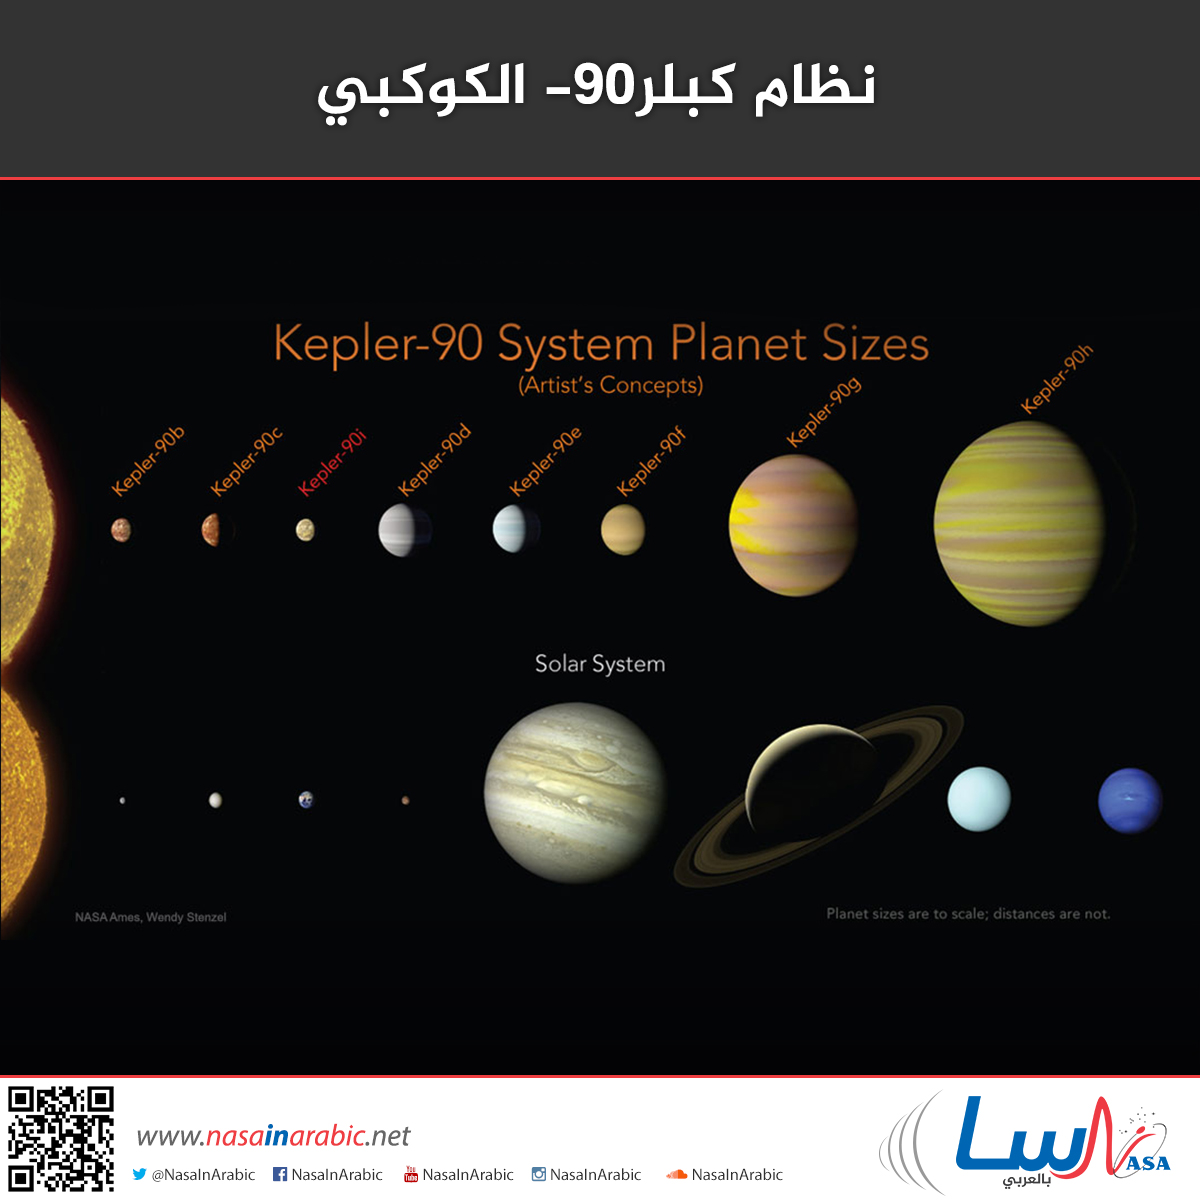 نظام كبلر-90 الكوكبي